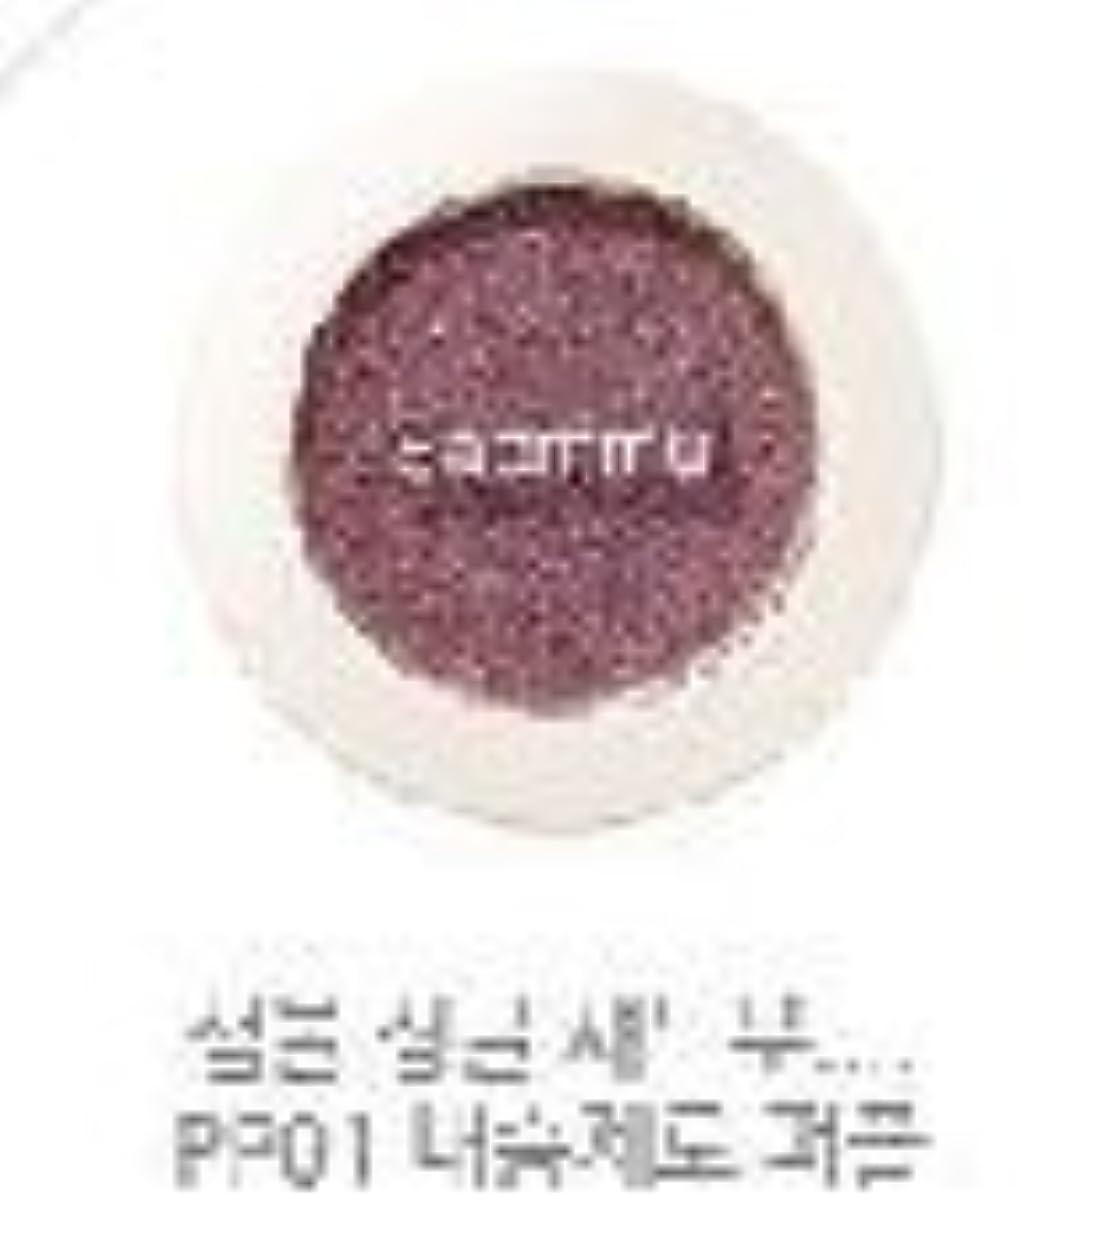 ポテト摘む摂動ザセム[The Saem]泉シングルシャドウ(シマー) The Saem saemmul single shadow(shimmer) (PP01)